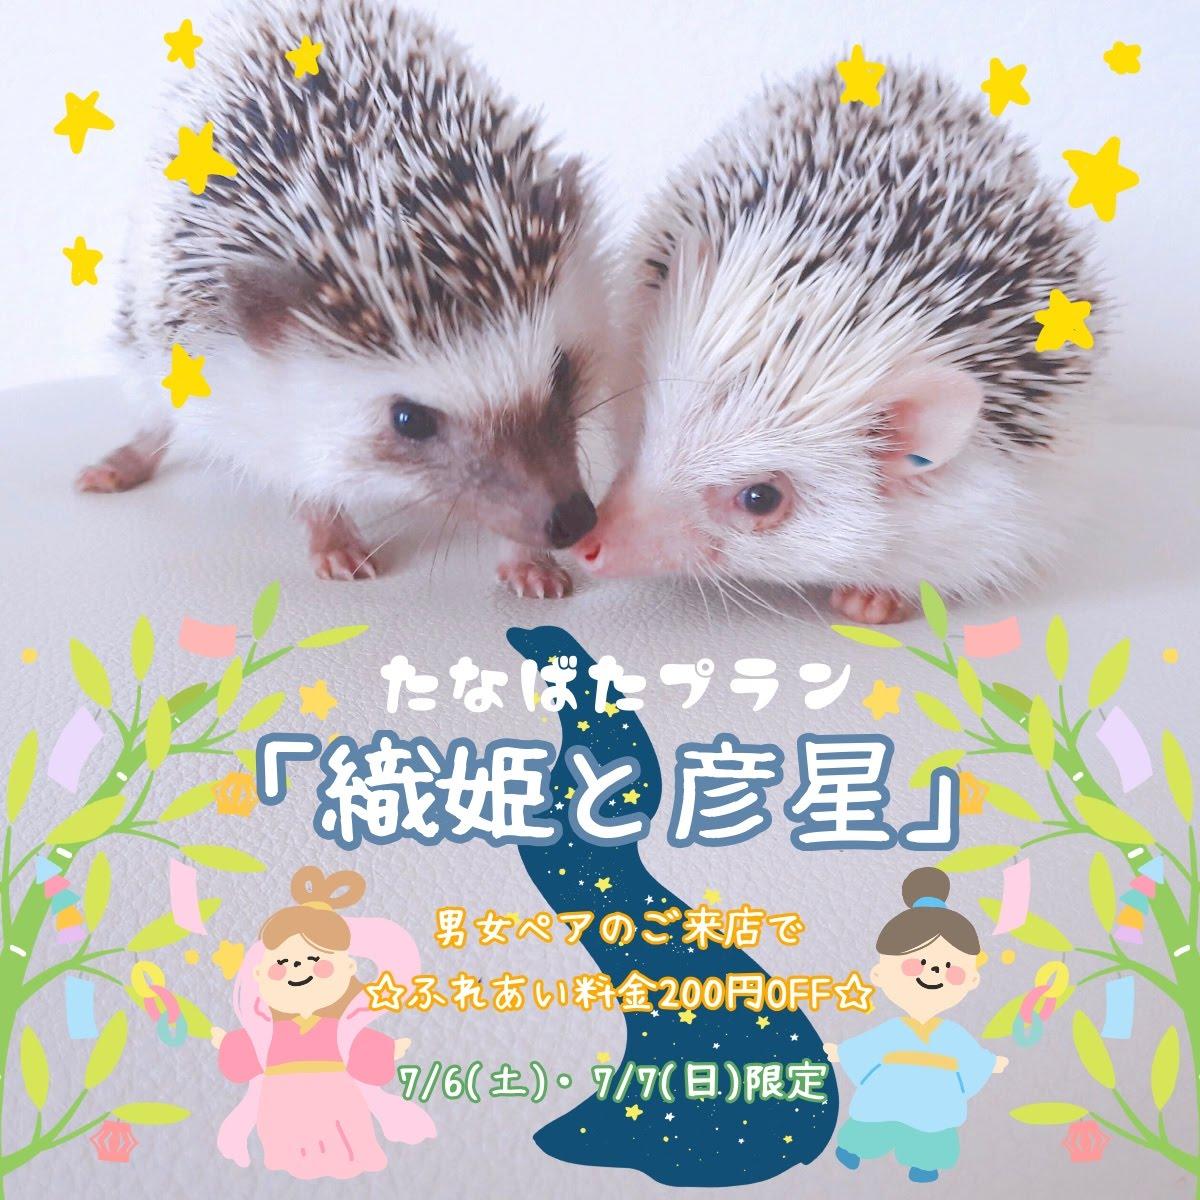 今週末は、男女ペアのための七夕プラン【織姫と彦星】を開催!!